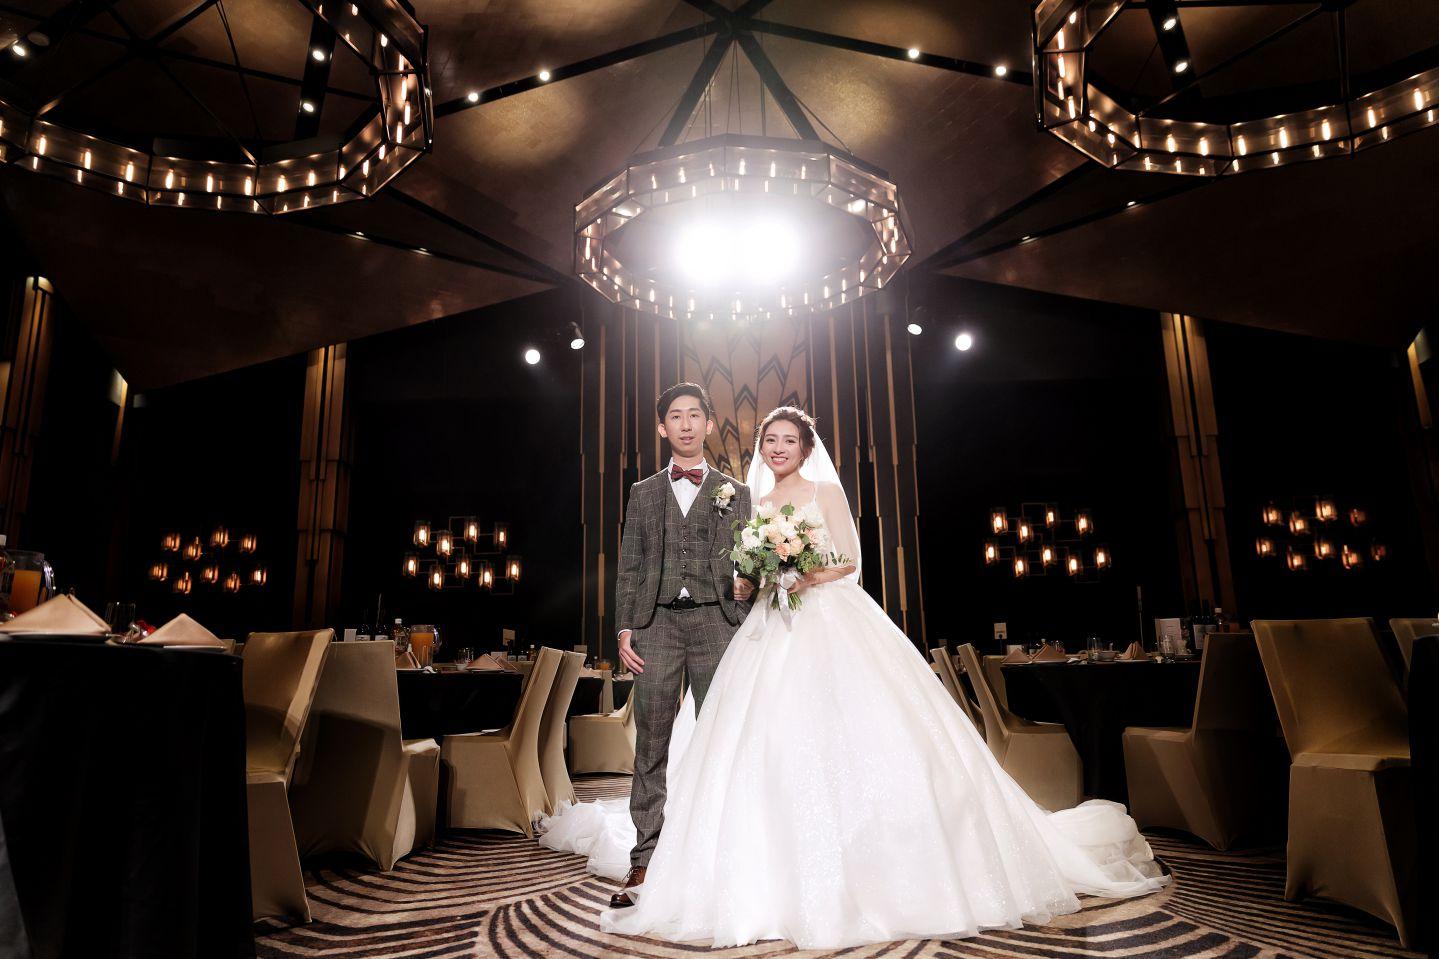 晶綺盛宴黃金廳婚攝,晶綺盛宴婚攝,高雄婚攝,高雄婚攝推薦,台鋁婚攝,婚攝,婚攝推薦,黃金廳類婚紗